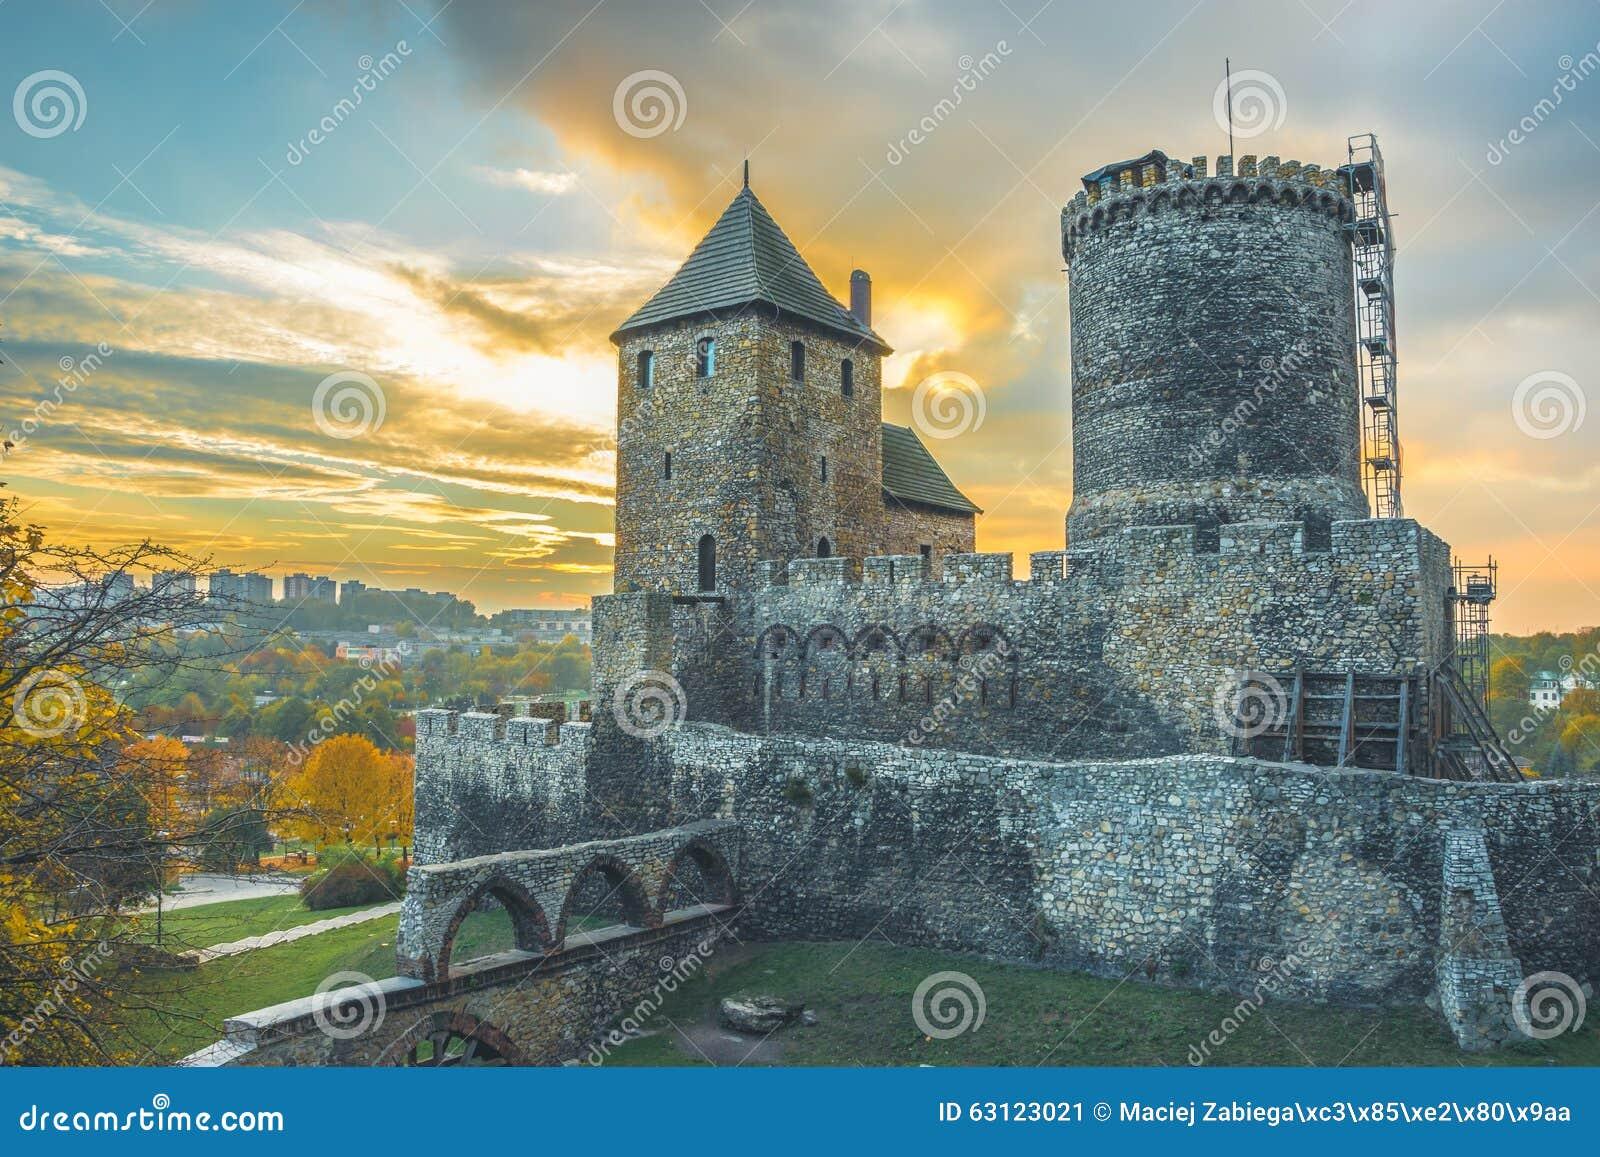 castle bedzin poland medieval - photo #7